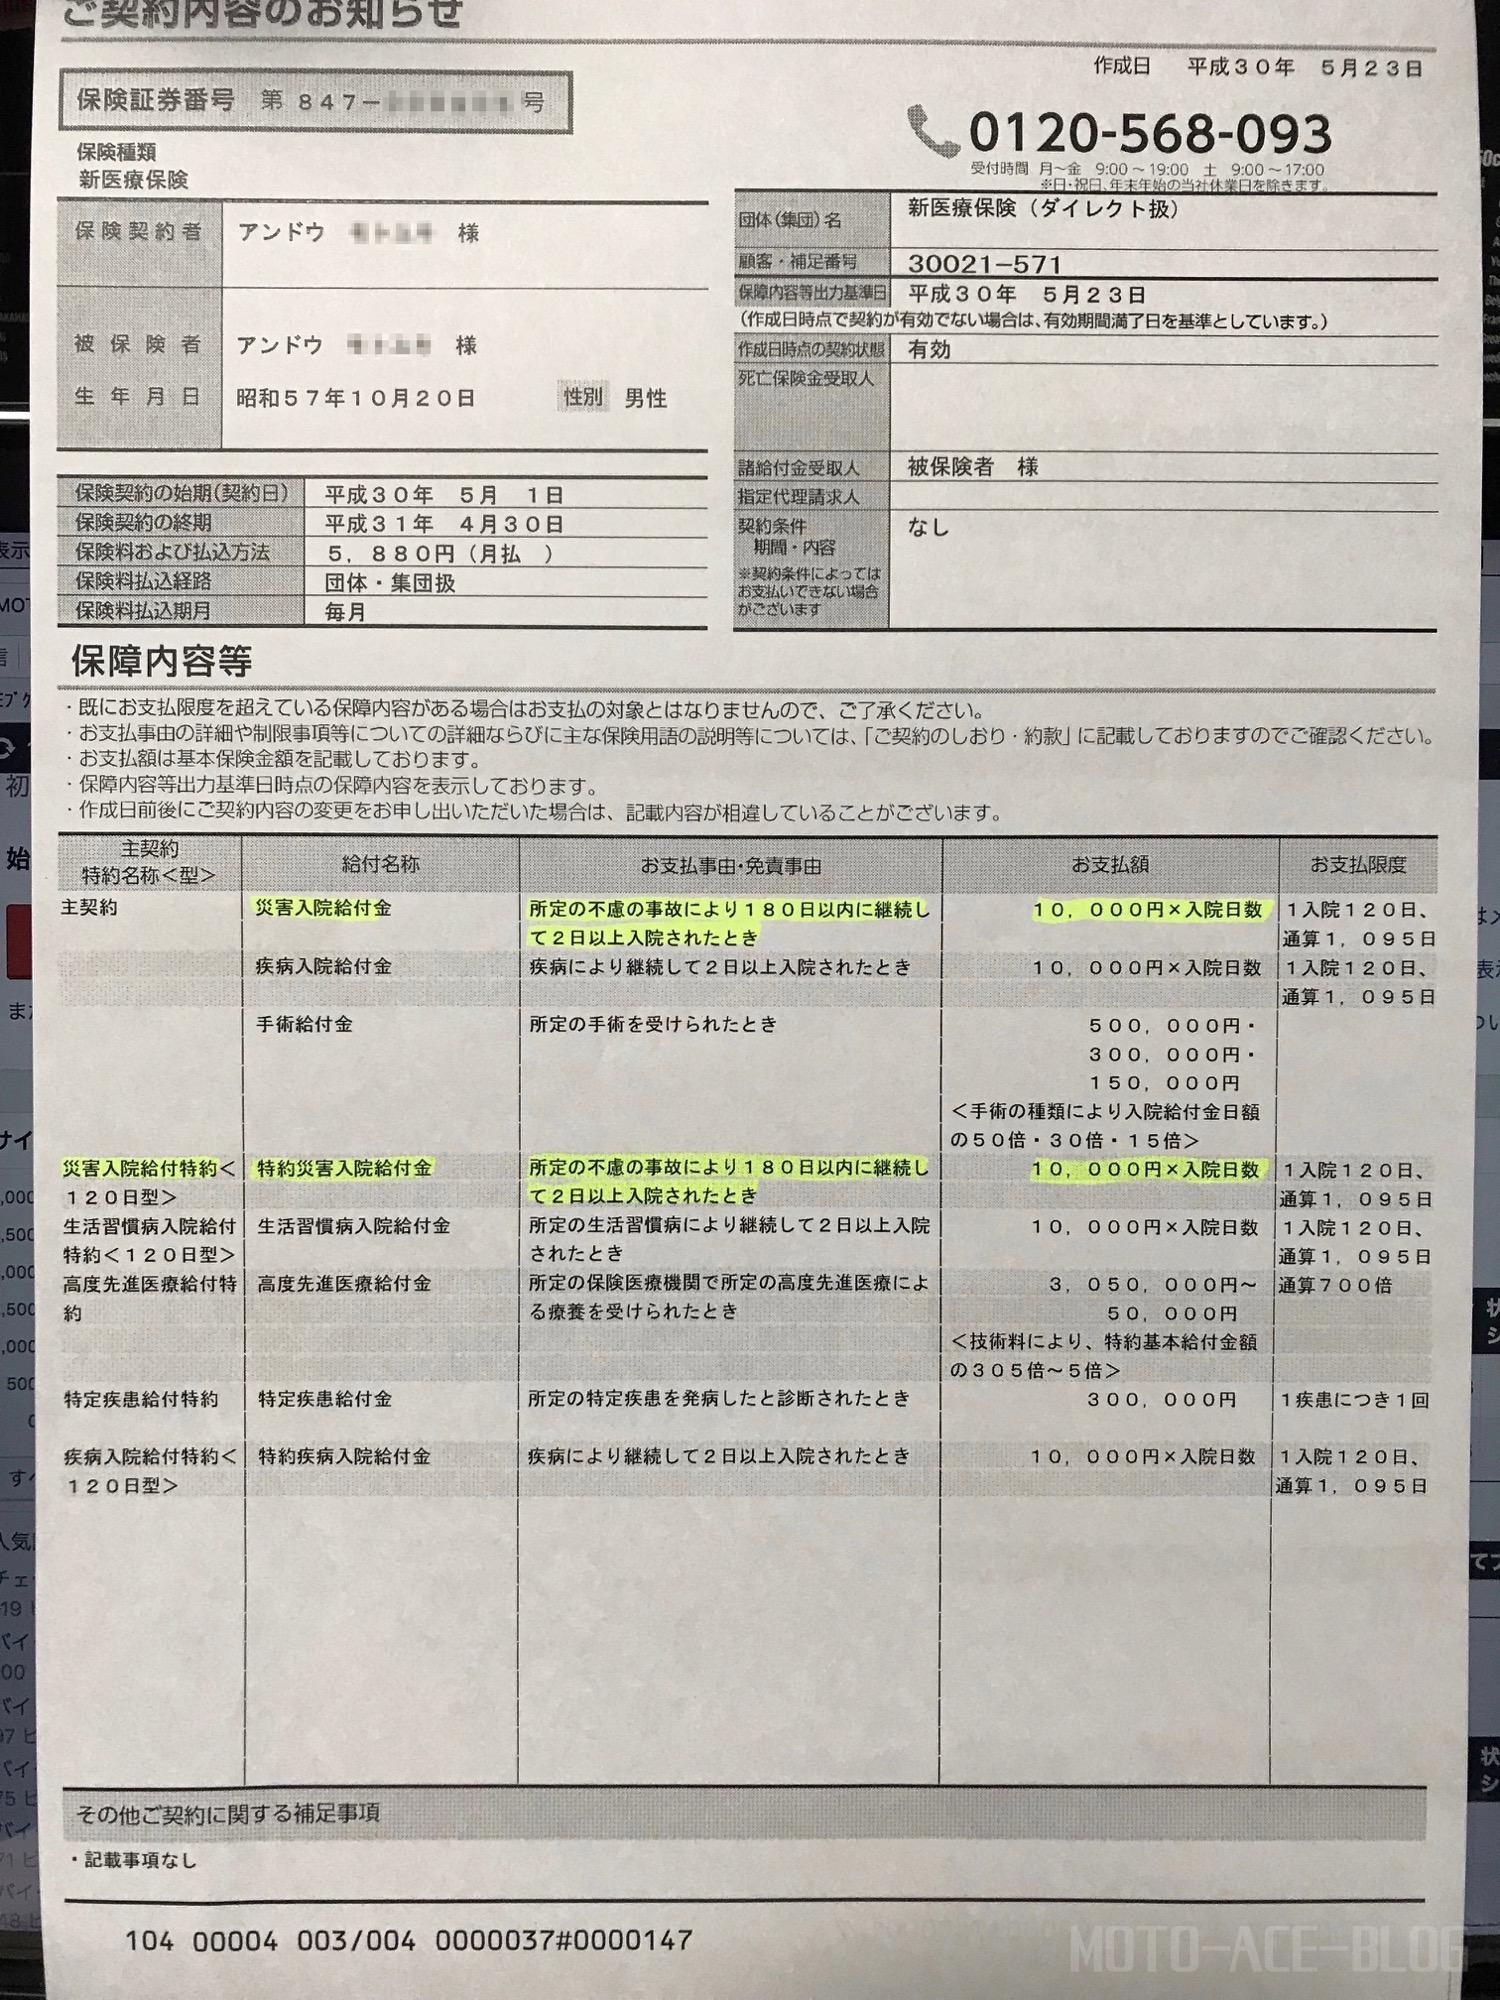 アクサ生命医療保険の契約書